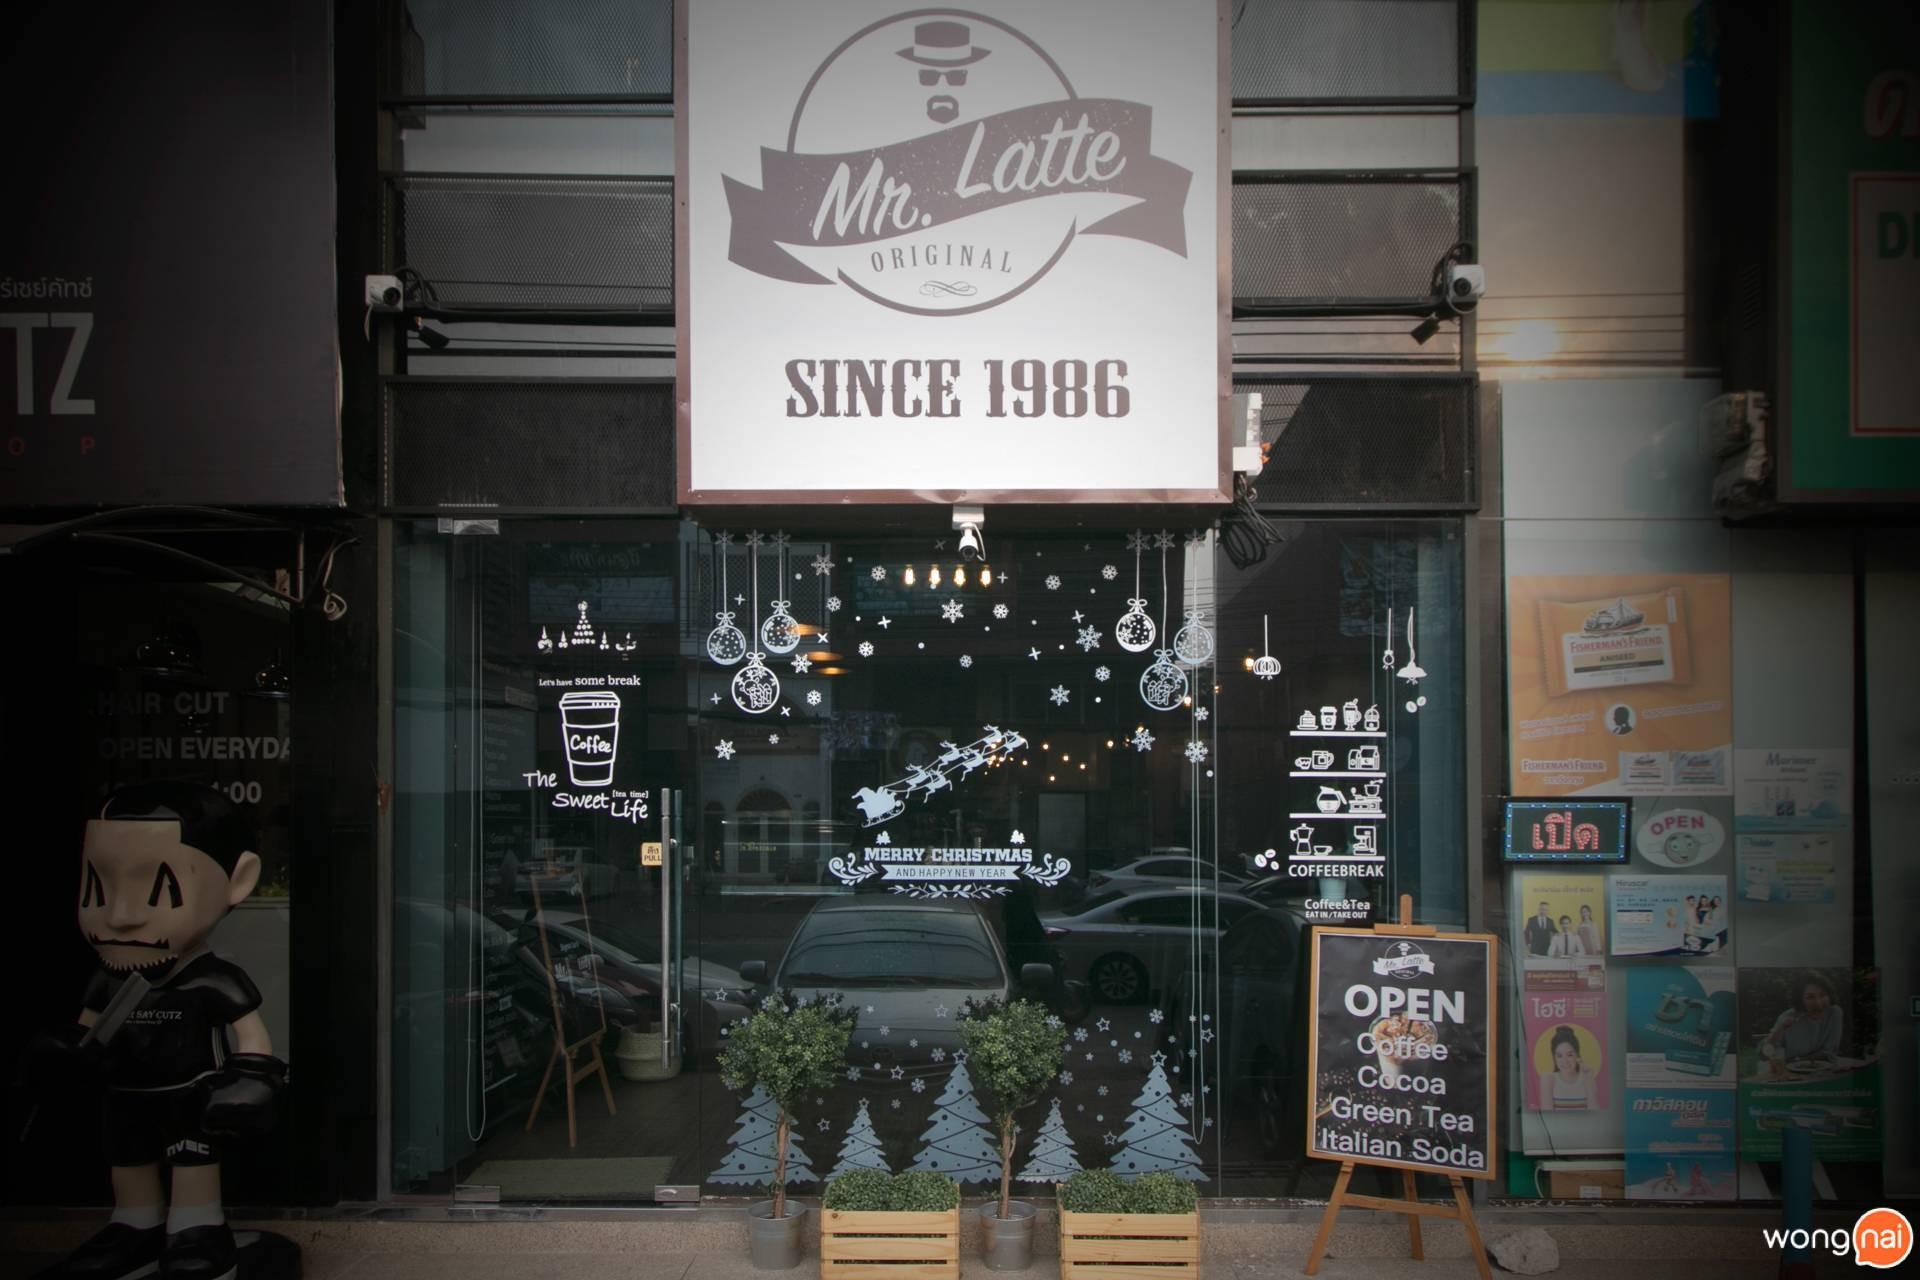 บรรยากาศหน้าร้าน ของร้าน Mr.Latte